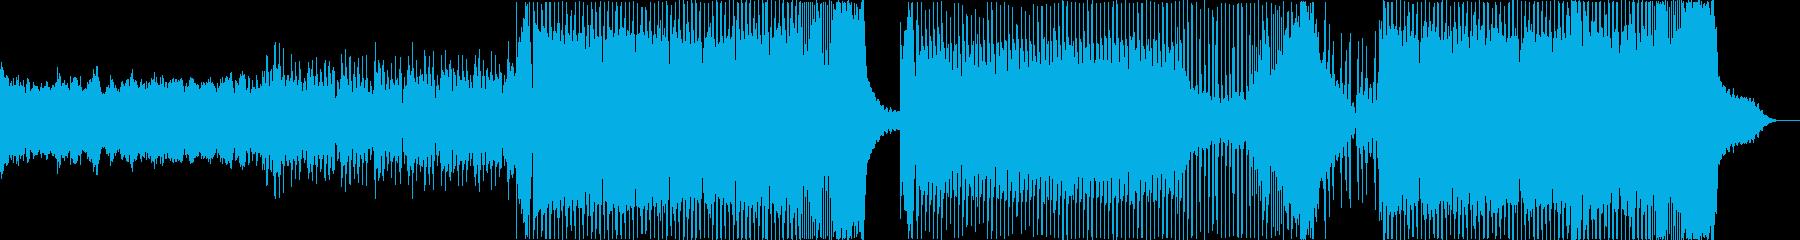 EDM 爽やか 青空 オープニング の再生済みの波形